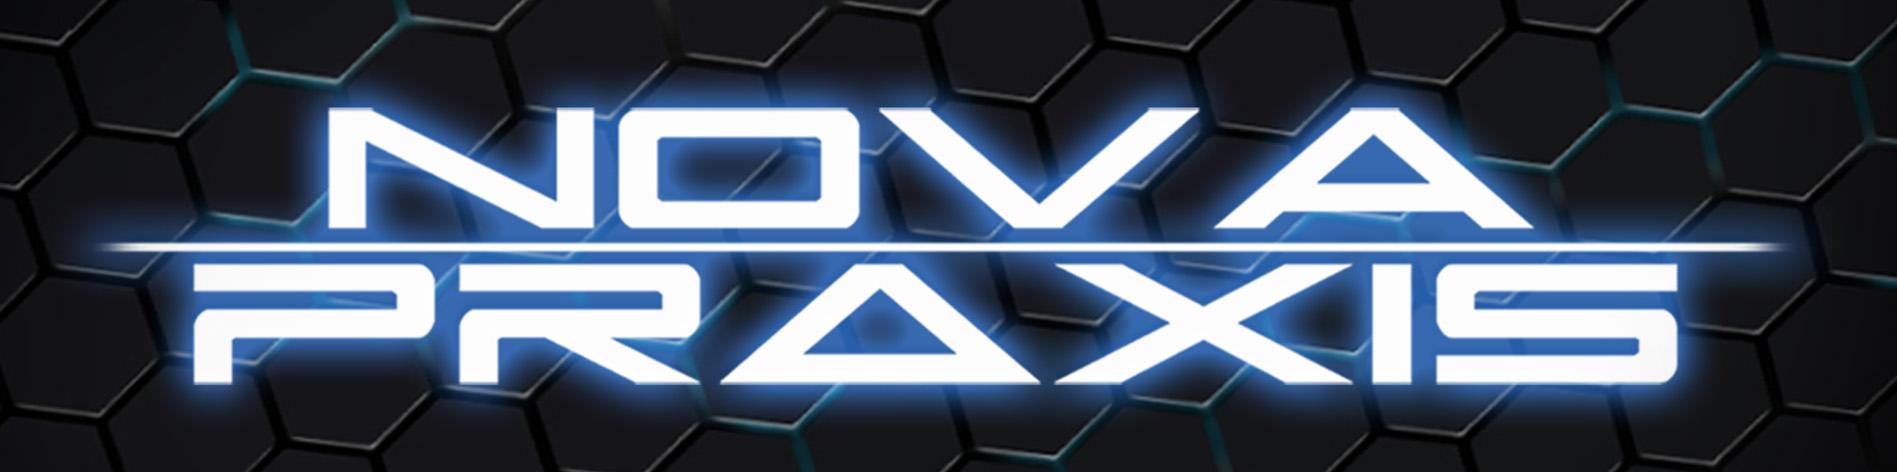 Nova Praxis Logo.jpg